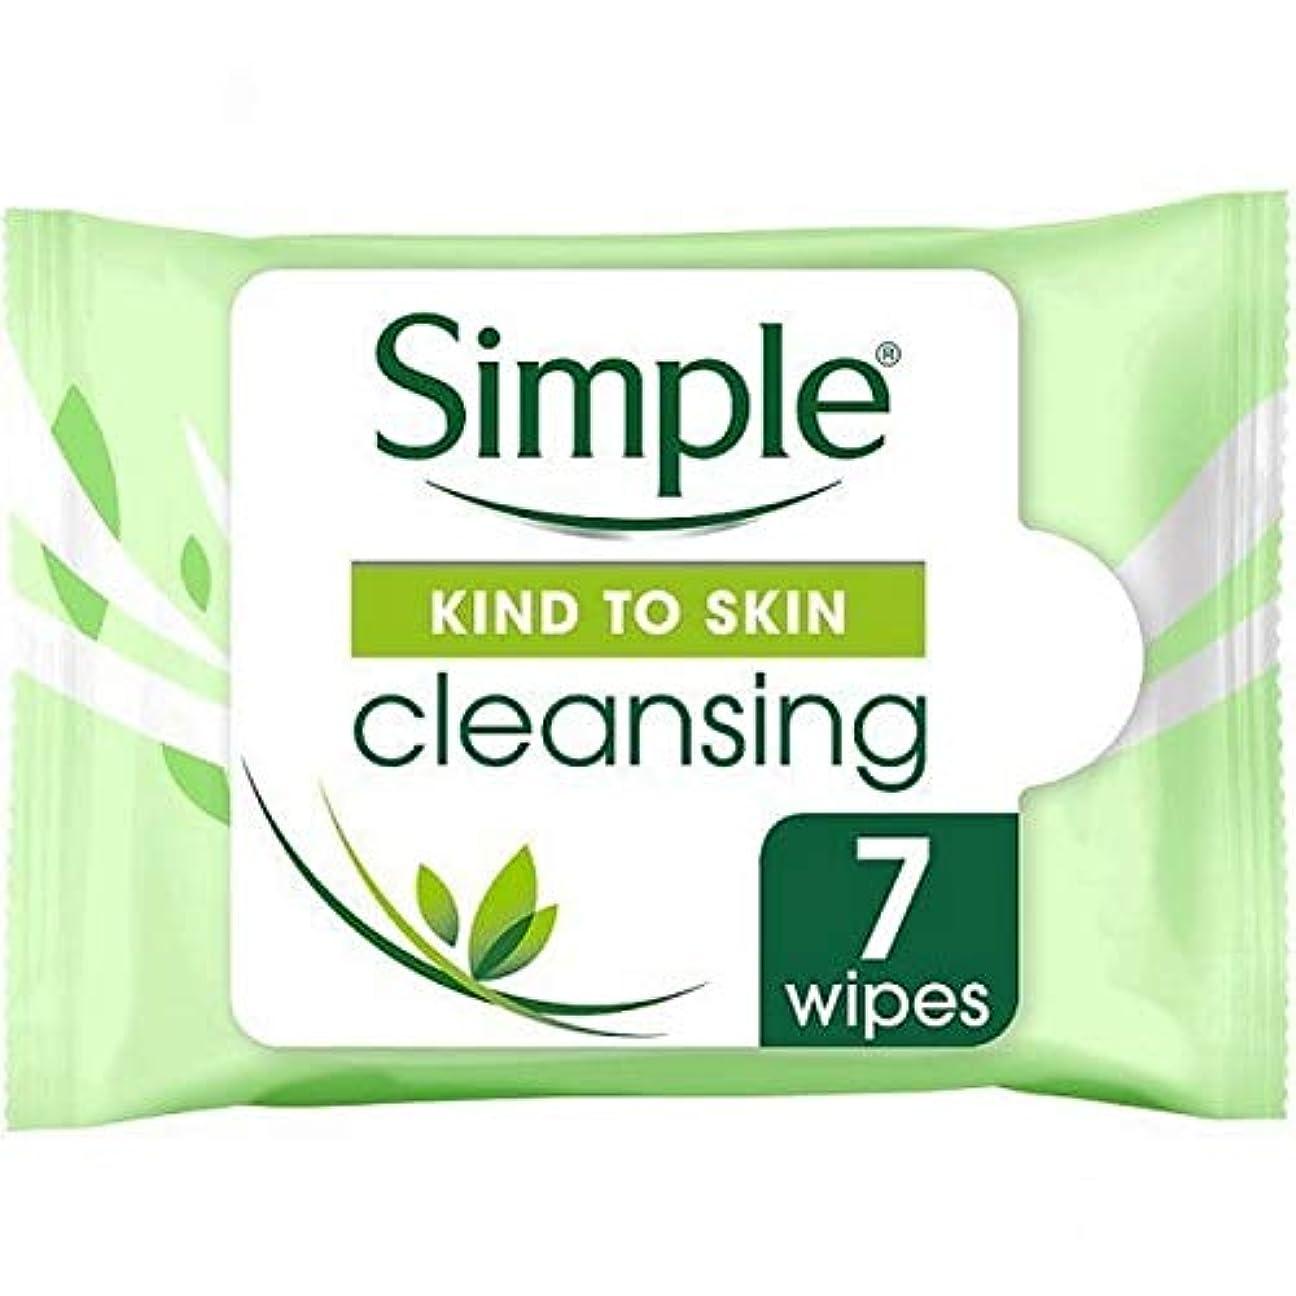 密度あえぎ強制的[Simple ] 顔のワイプの7Sクレンジング肌への単純な種類 - Simple Kind To Skin Cleansing Facial Wipes 7s [並行輸入品]